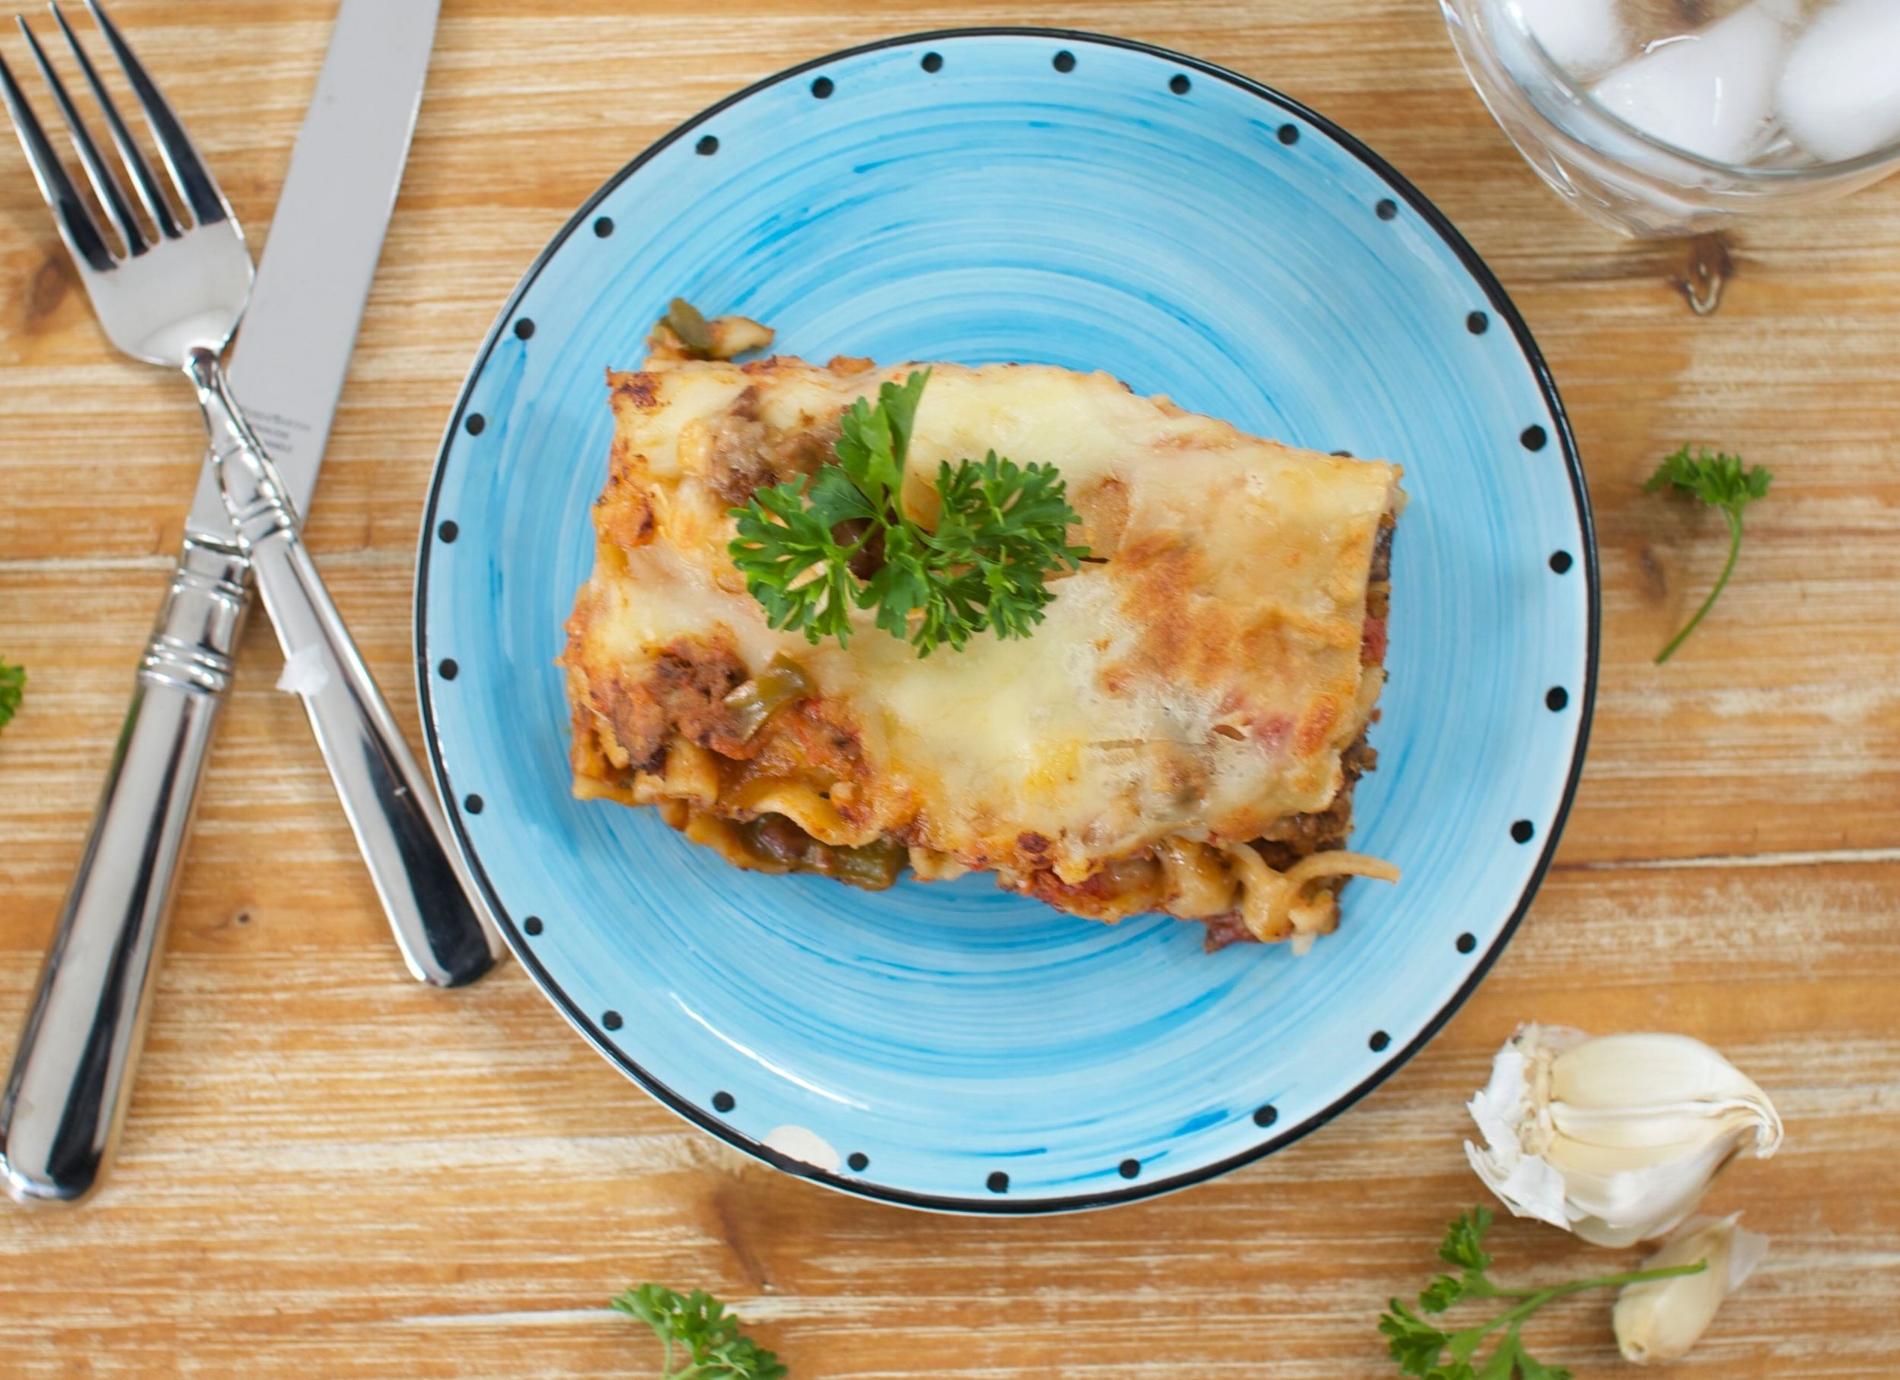 Dairy free lasagna recipe